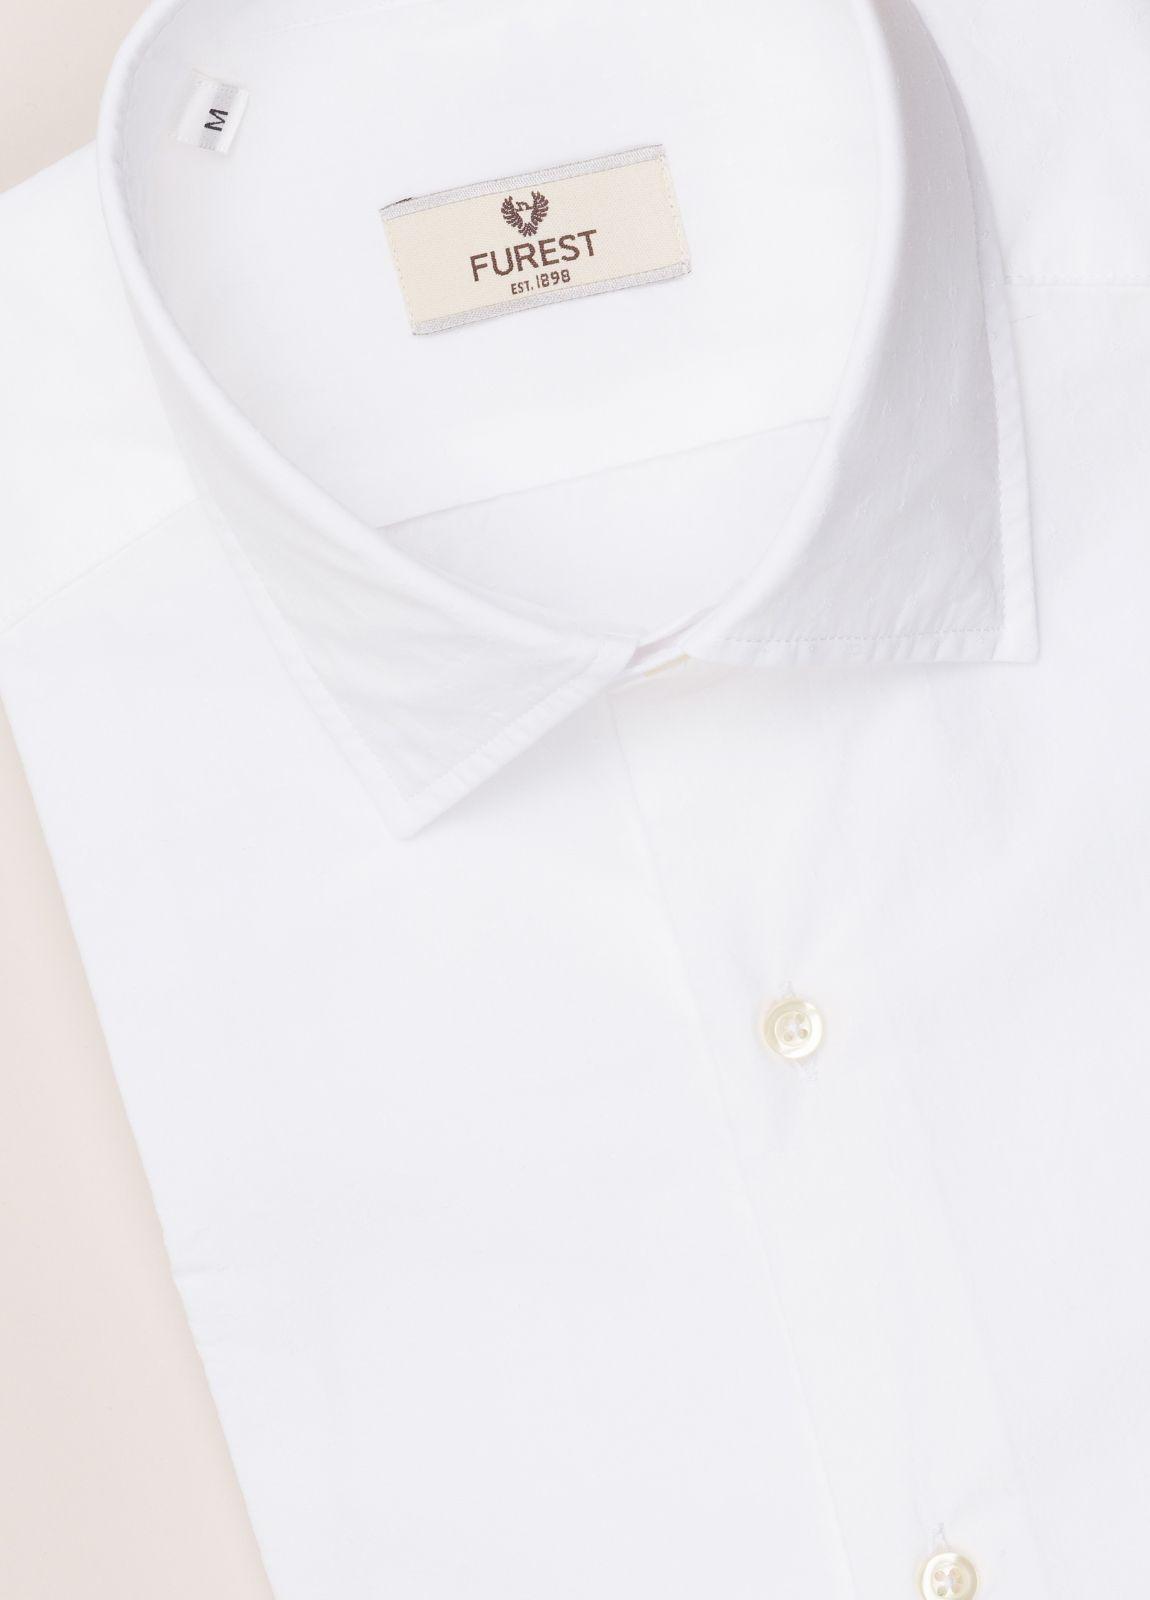 Camisa sport FUREST COLECCIÓN REGULAR FIT blanco - Ítem2